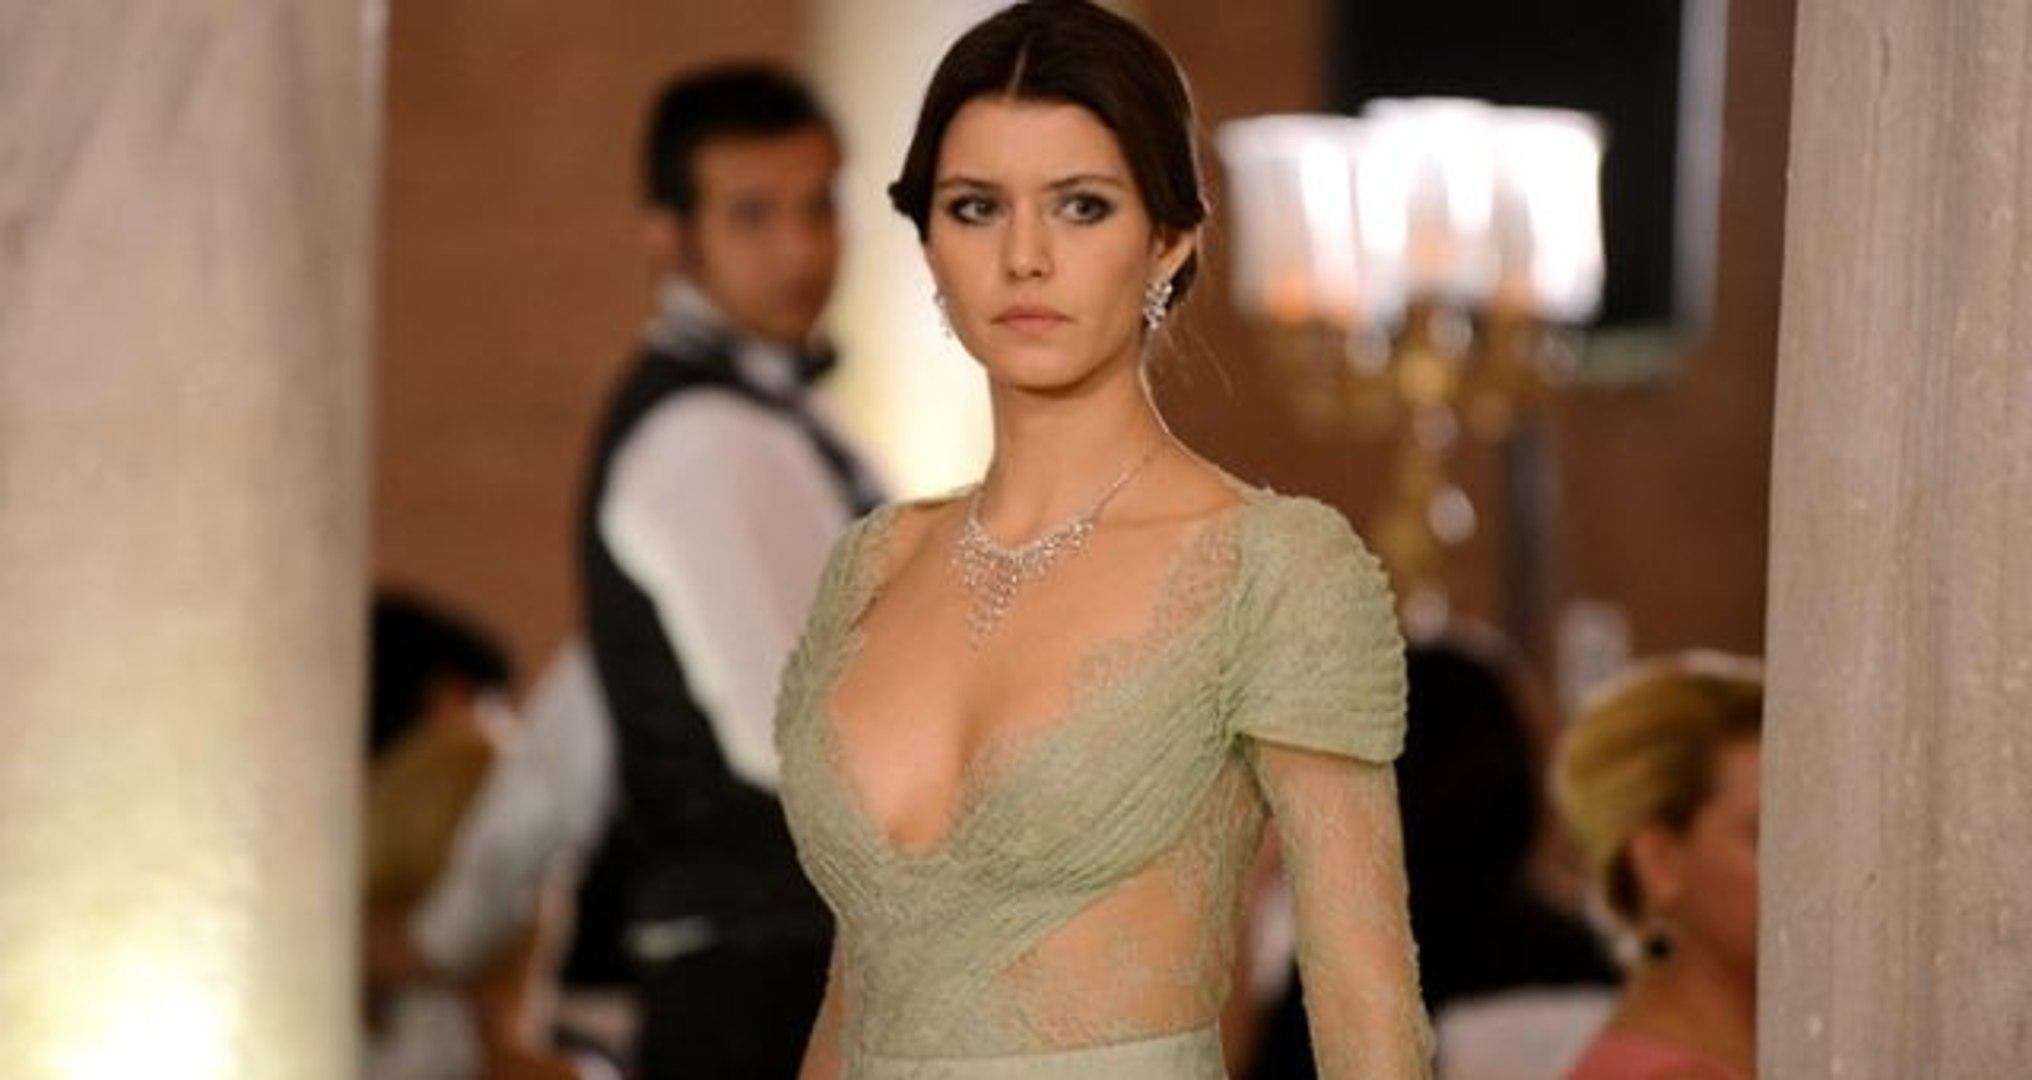 Güzel oyuncu Beren Saat kıyafetinin azizliğine uğradı! Fotoğraf sosyal medyayı ikiye böldü